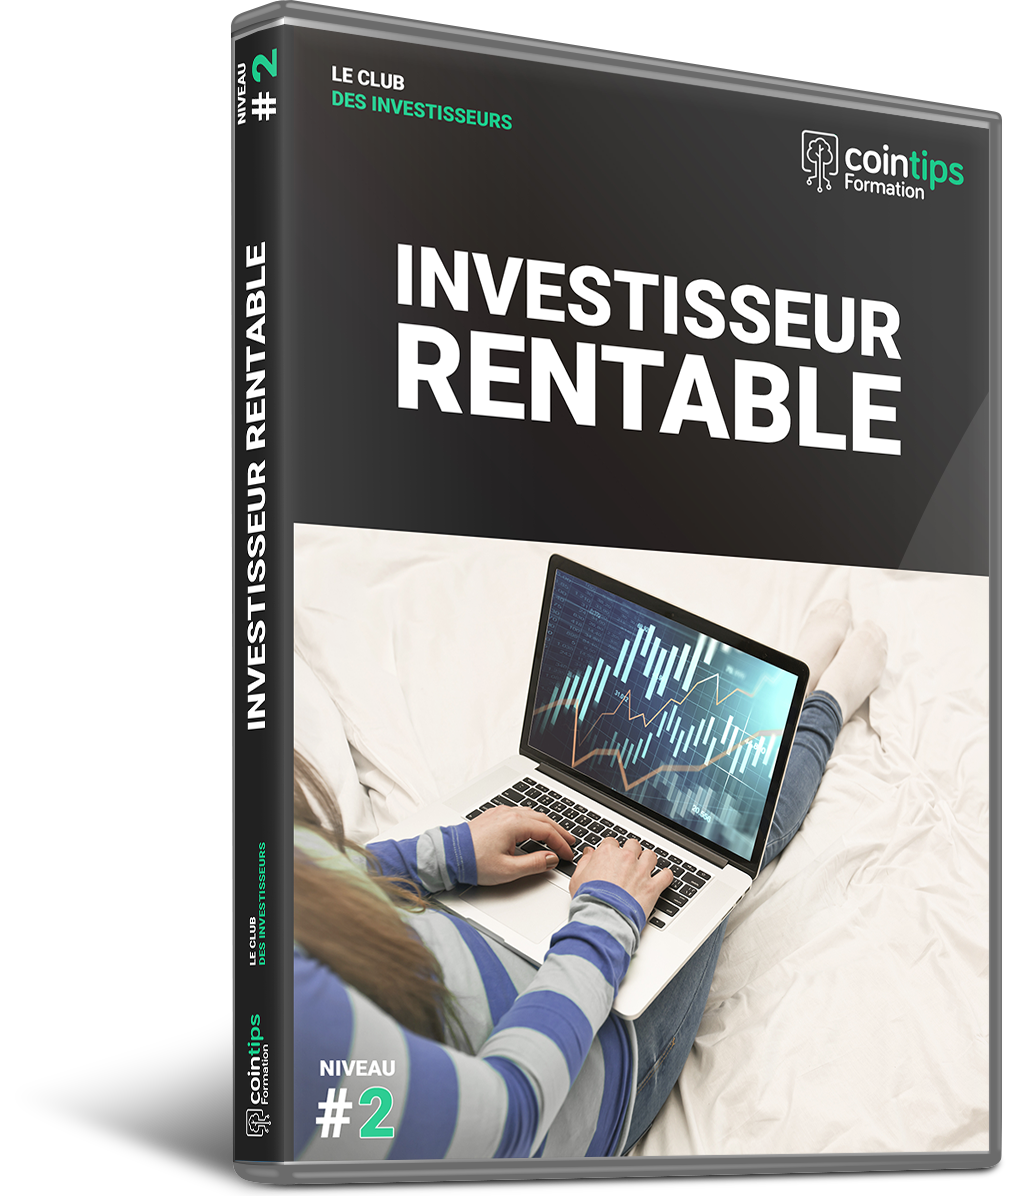 CLUB'INVEST - Investisseur Rentable